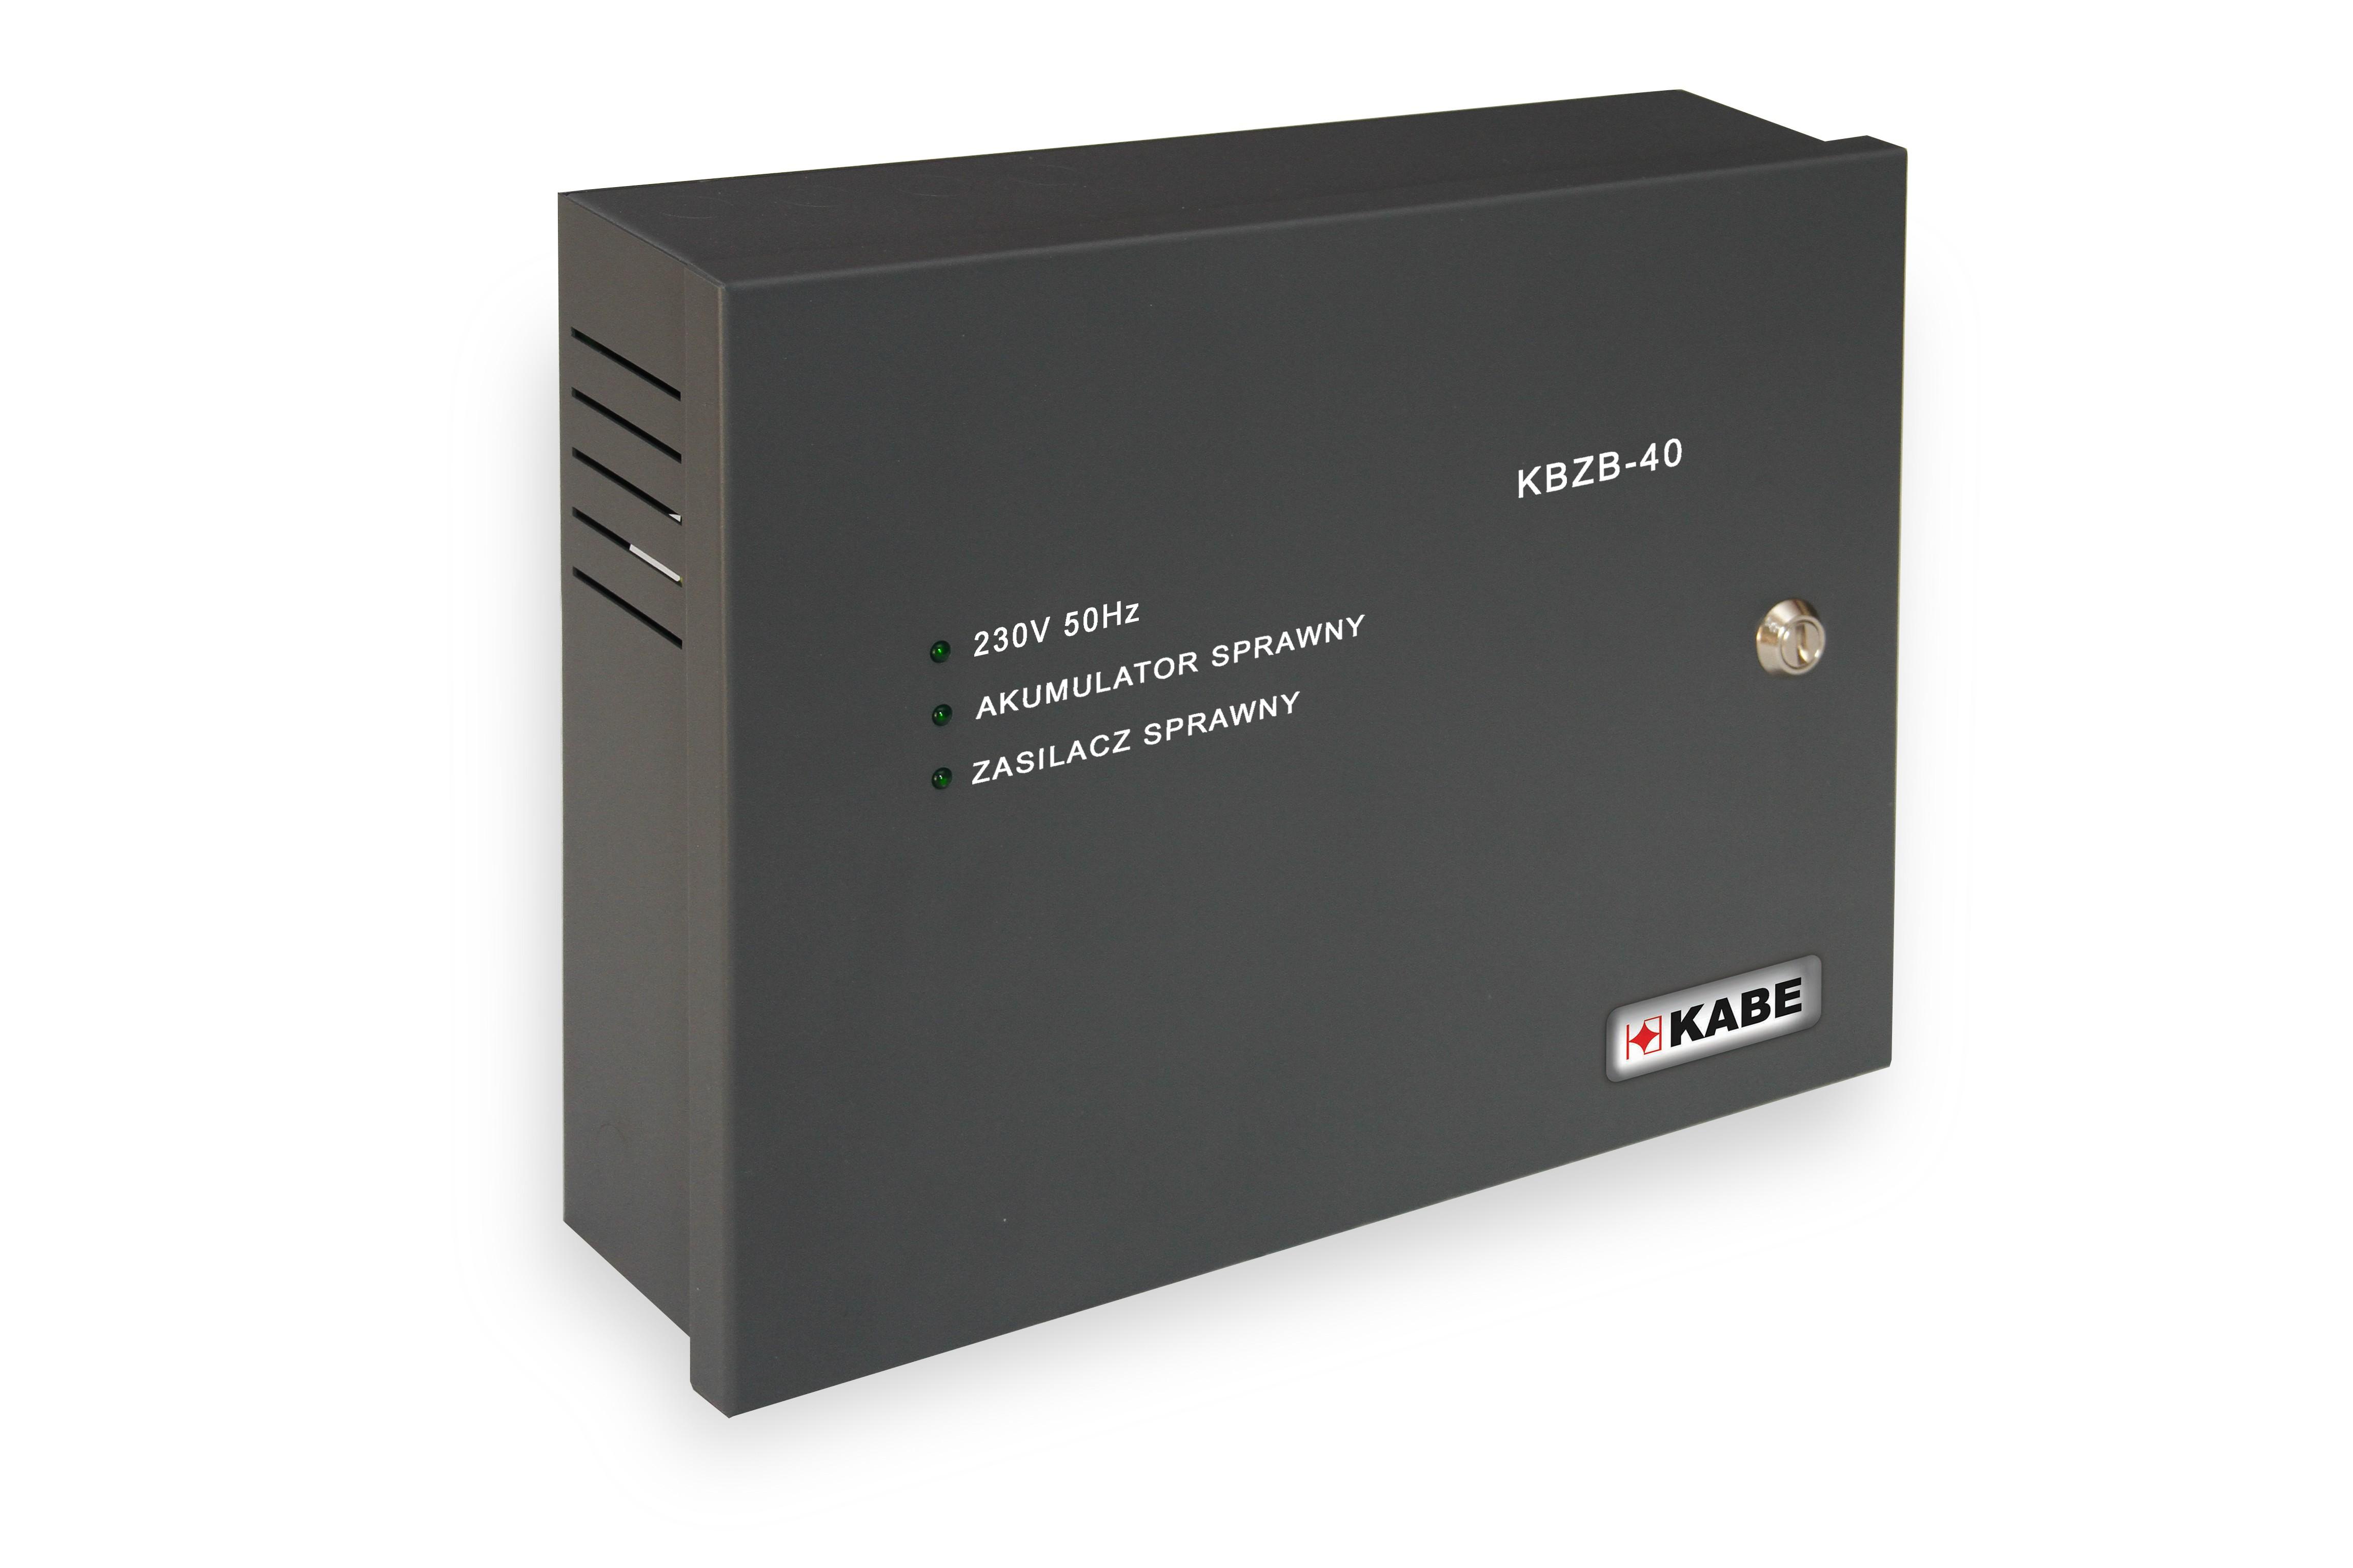 Zasilacz buforowy KBZB-40 8,8A/65Ah